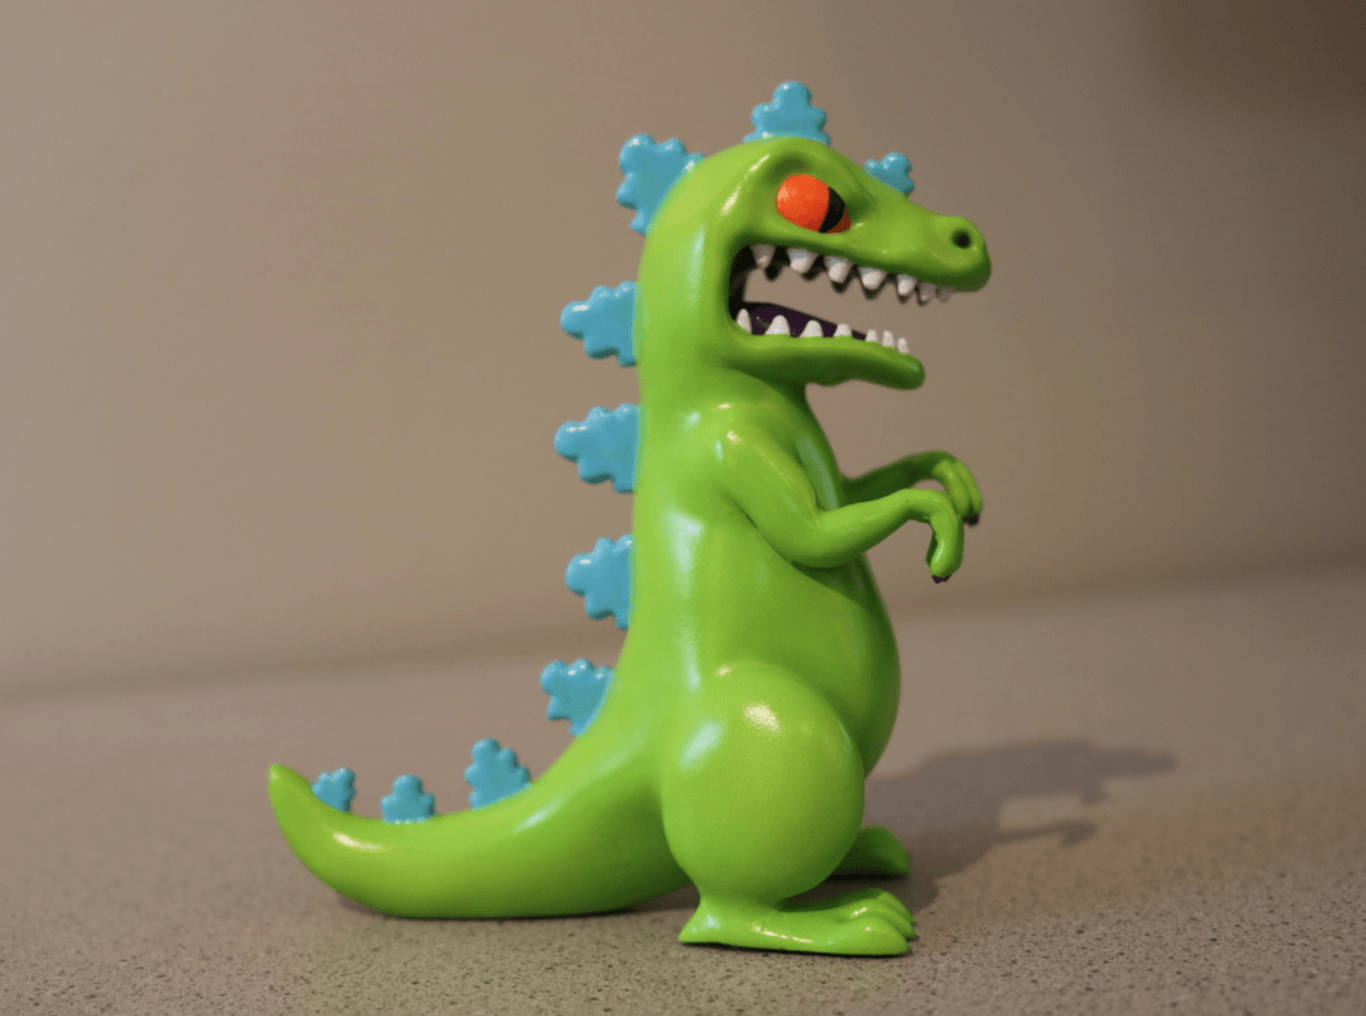 Capture d'écran 2018-03-05 à 12.07.02.png Download free STL file Reptar [Rugrats] • 3D printing model, ChaosCoreTech